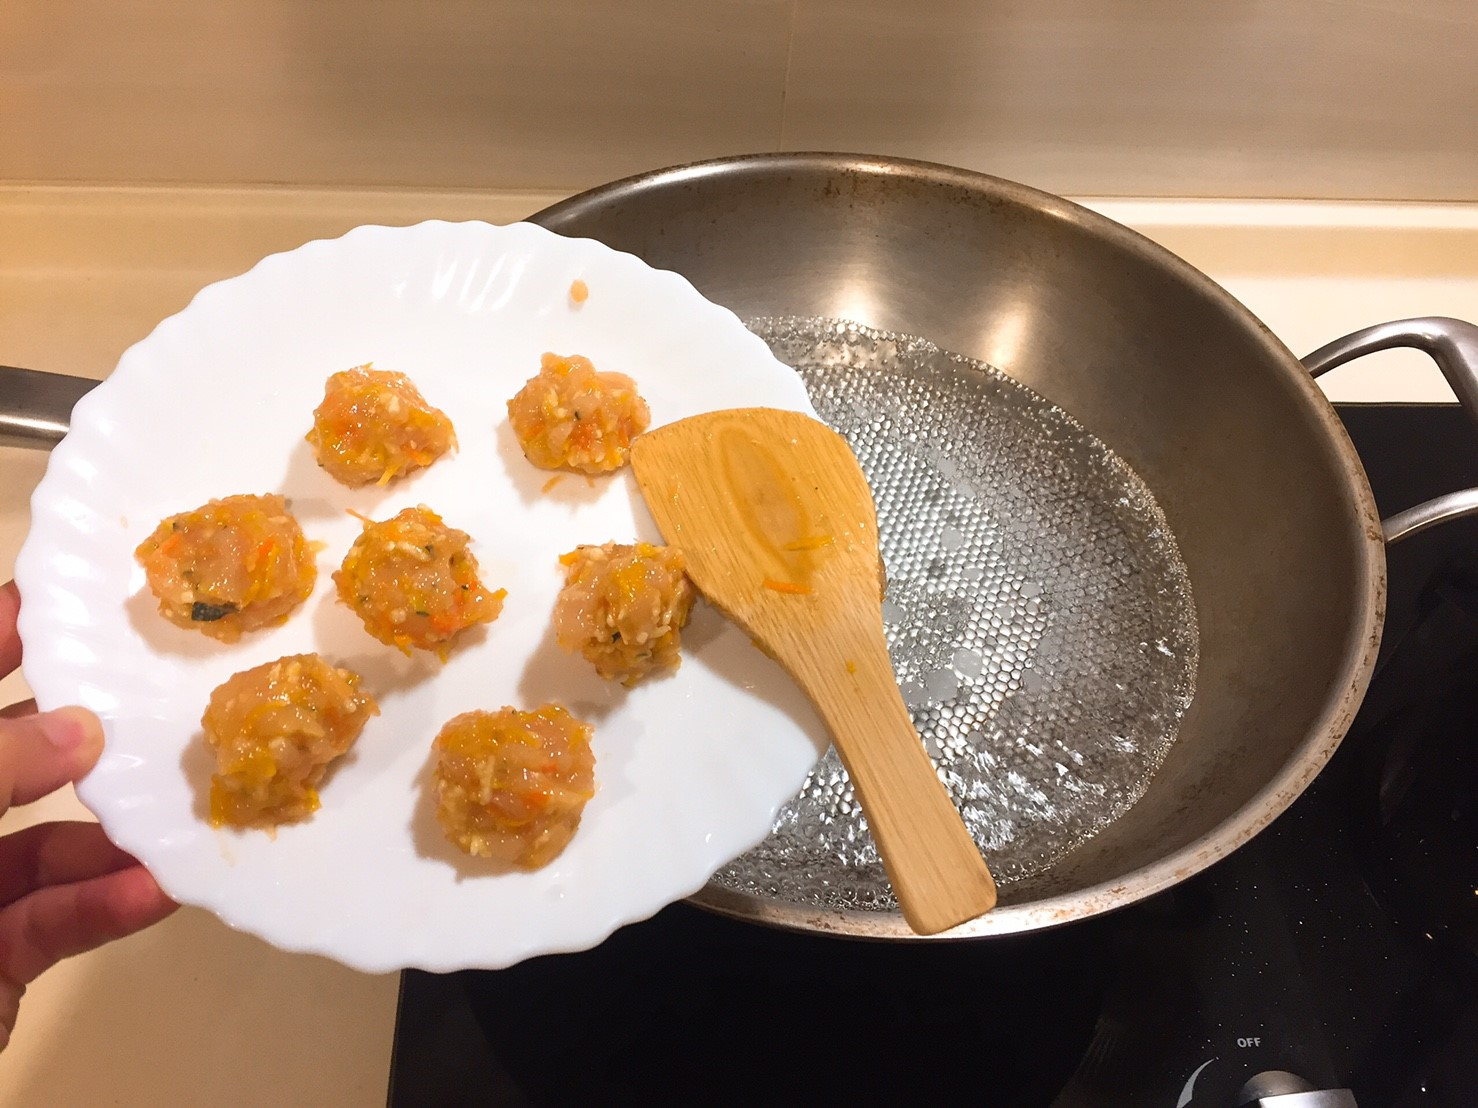 【寵物鮮食食譜包】鮮蔬雞肉丸